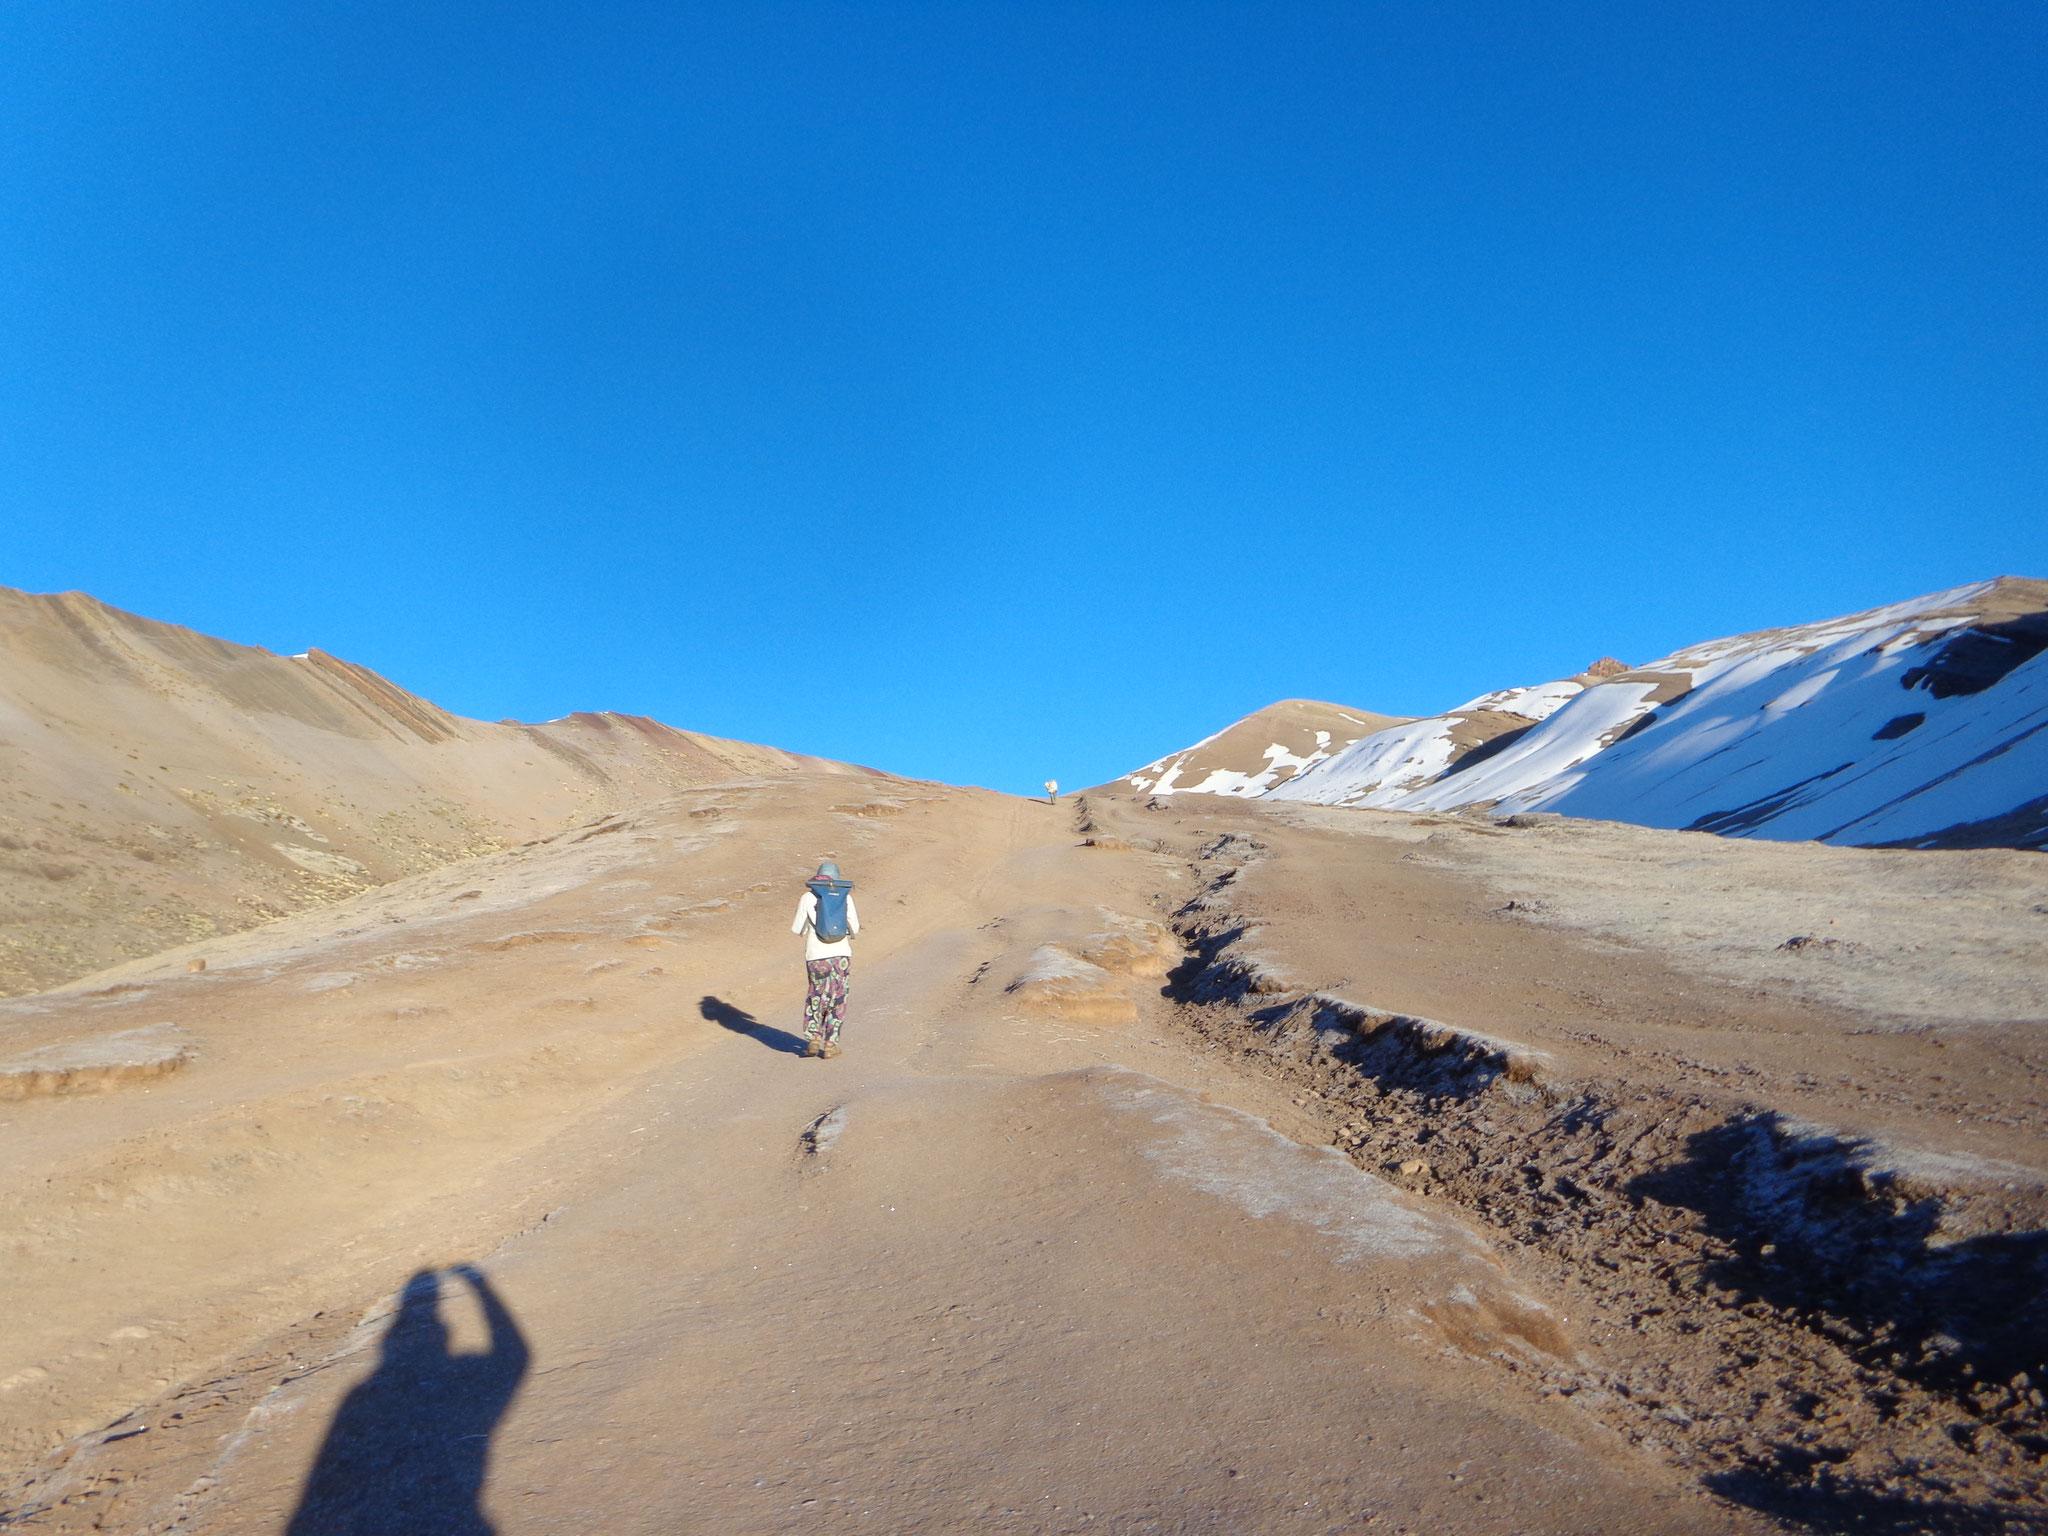 L'ascension de la montagne aux 7 couleurs